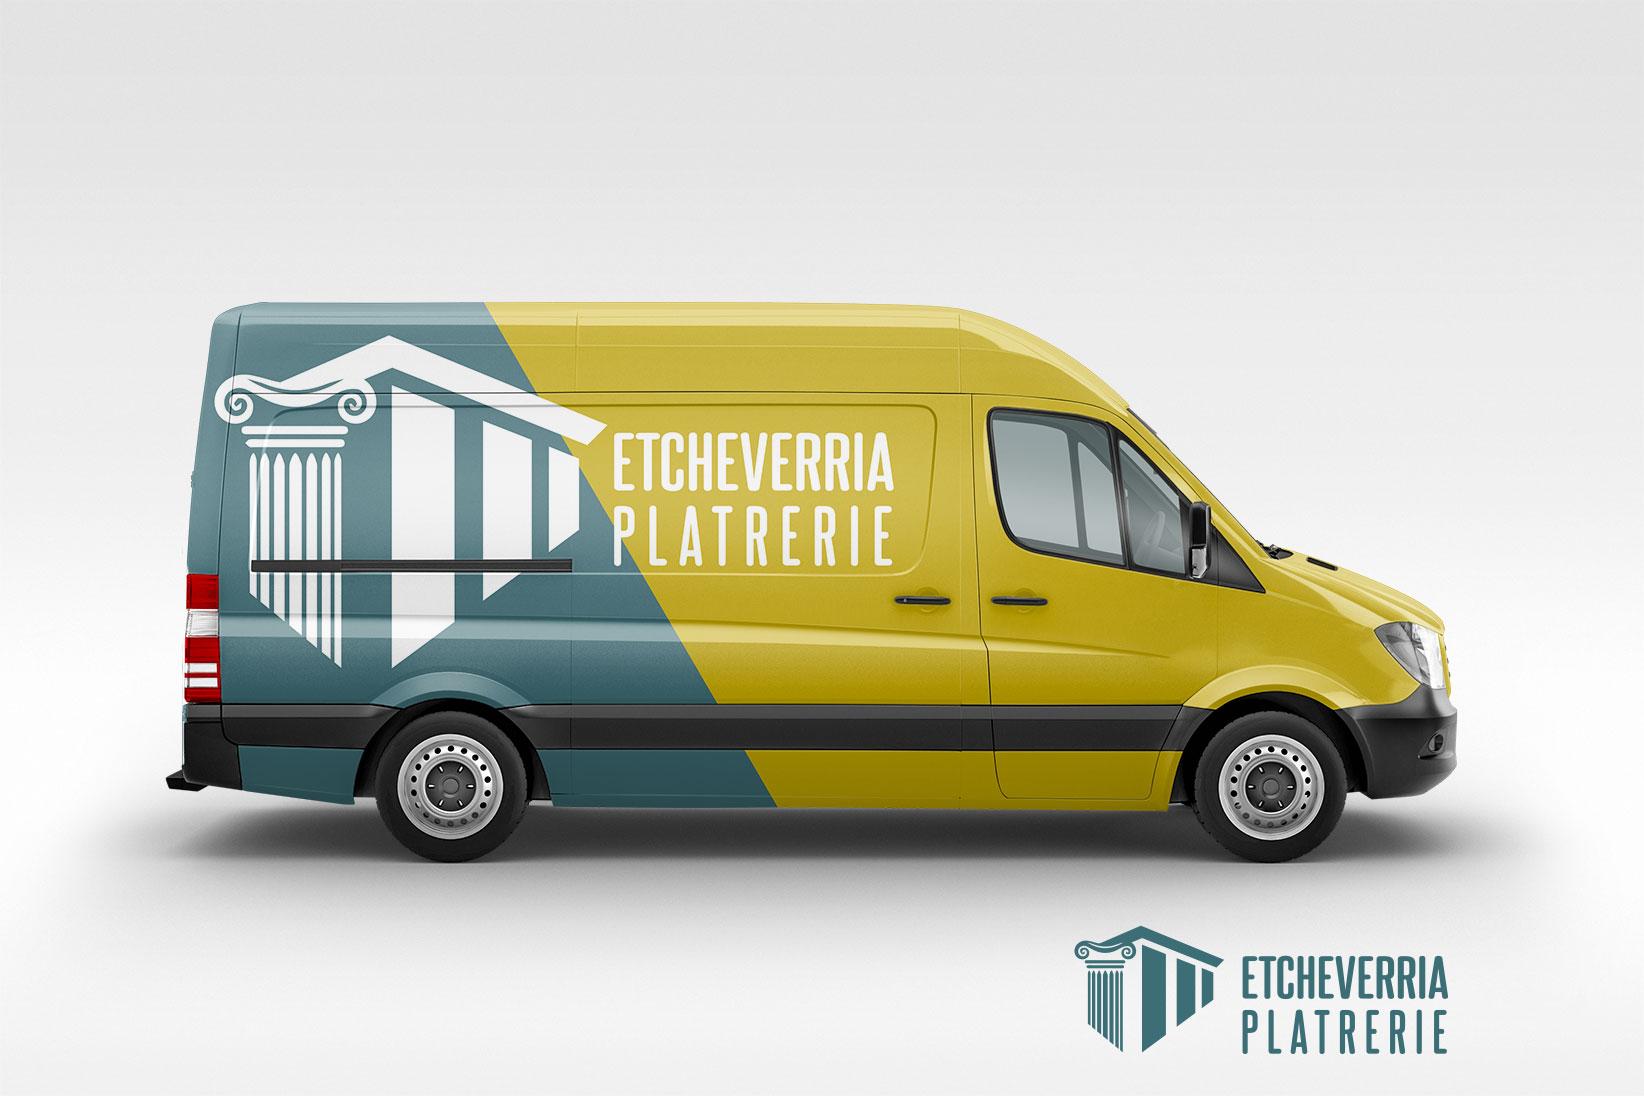 ETCHEVERRIA PLATRERIE-Peyrehorade-skoncommunication-artisanlandes-camion